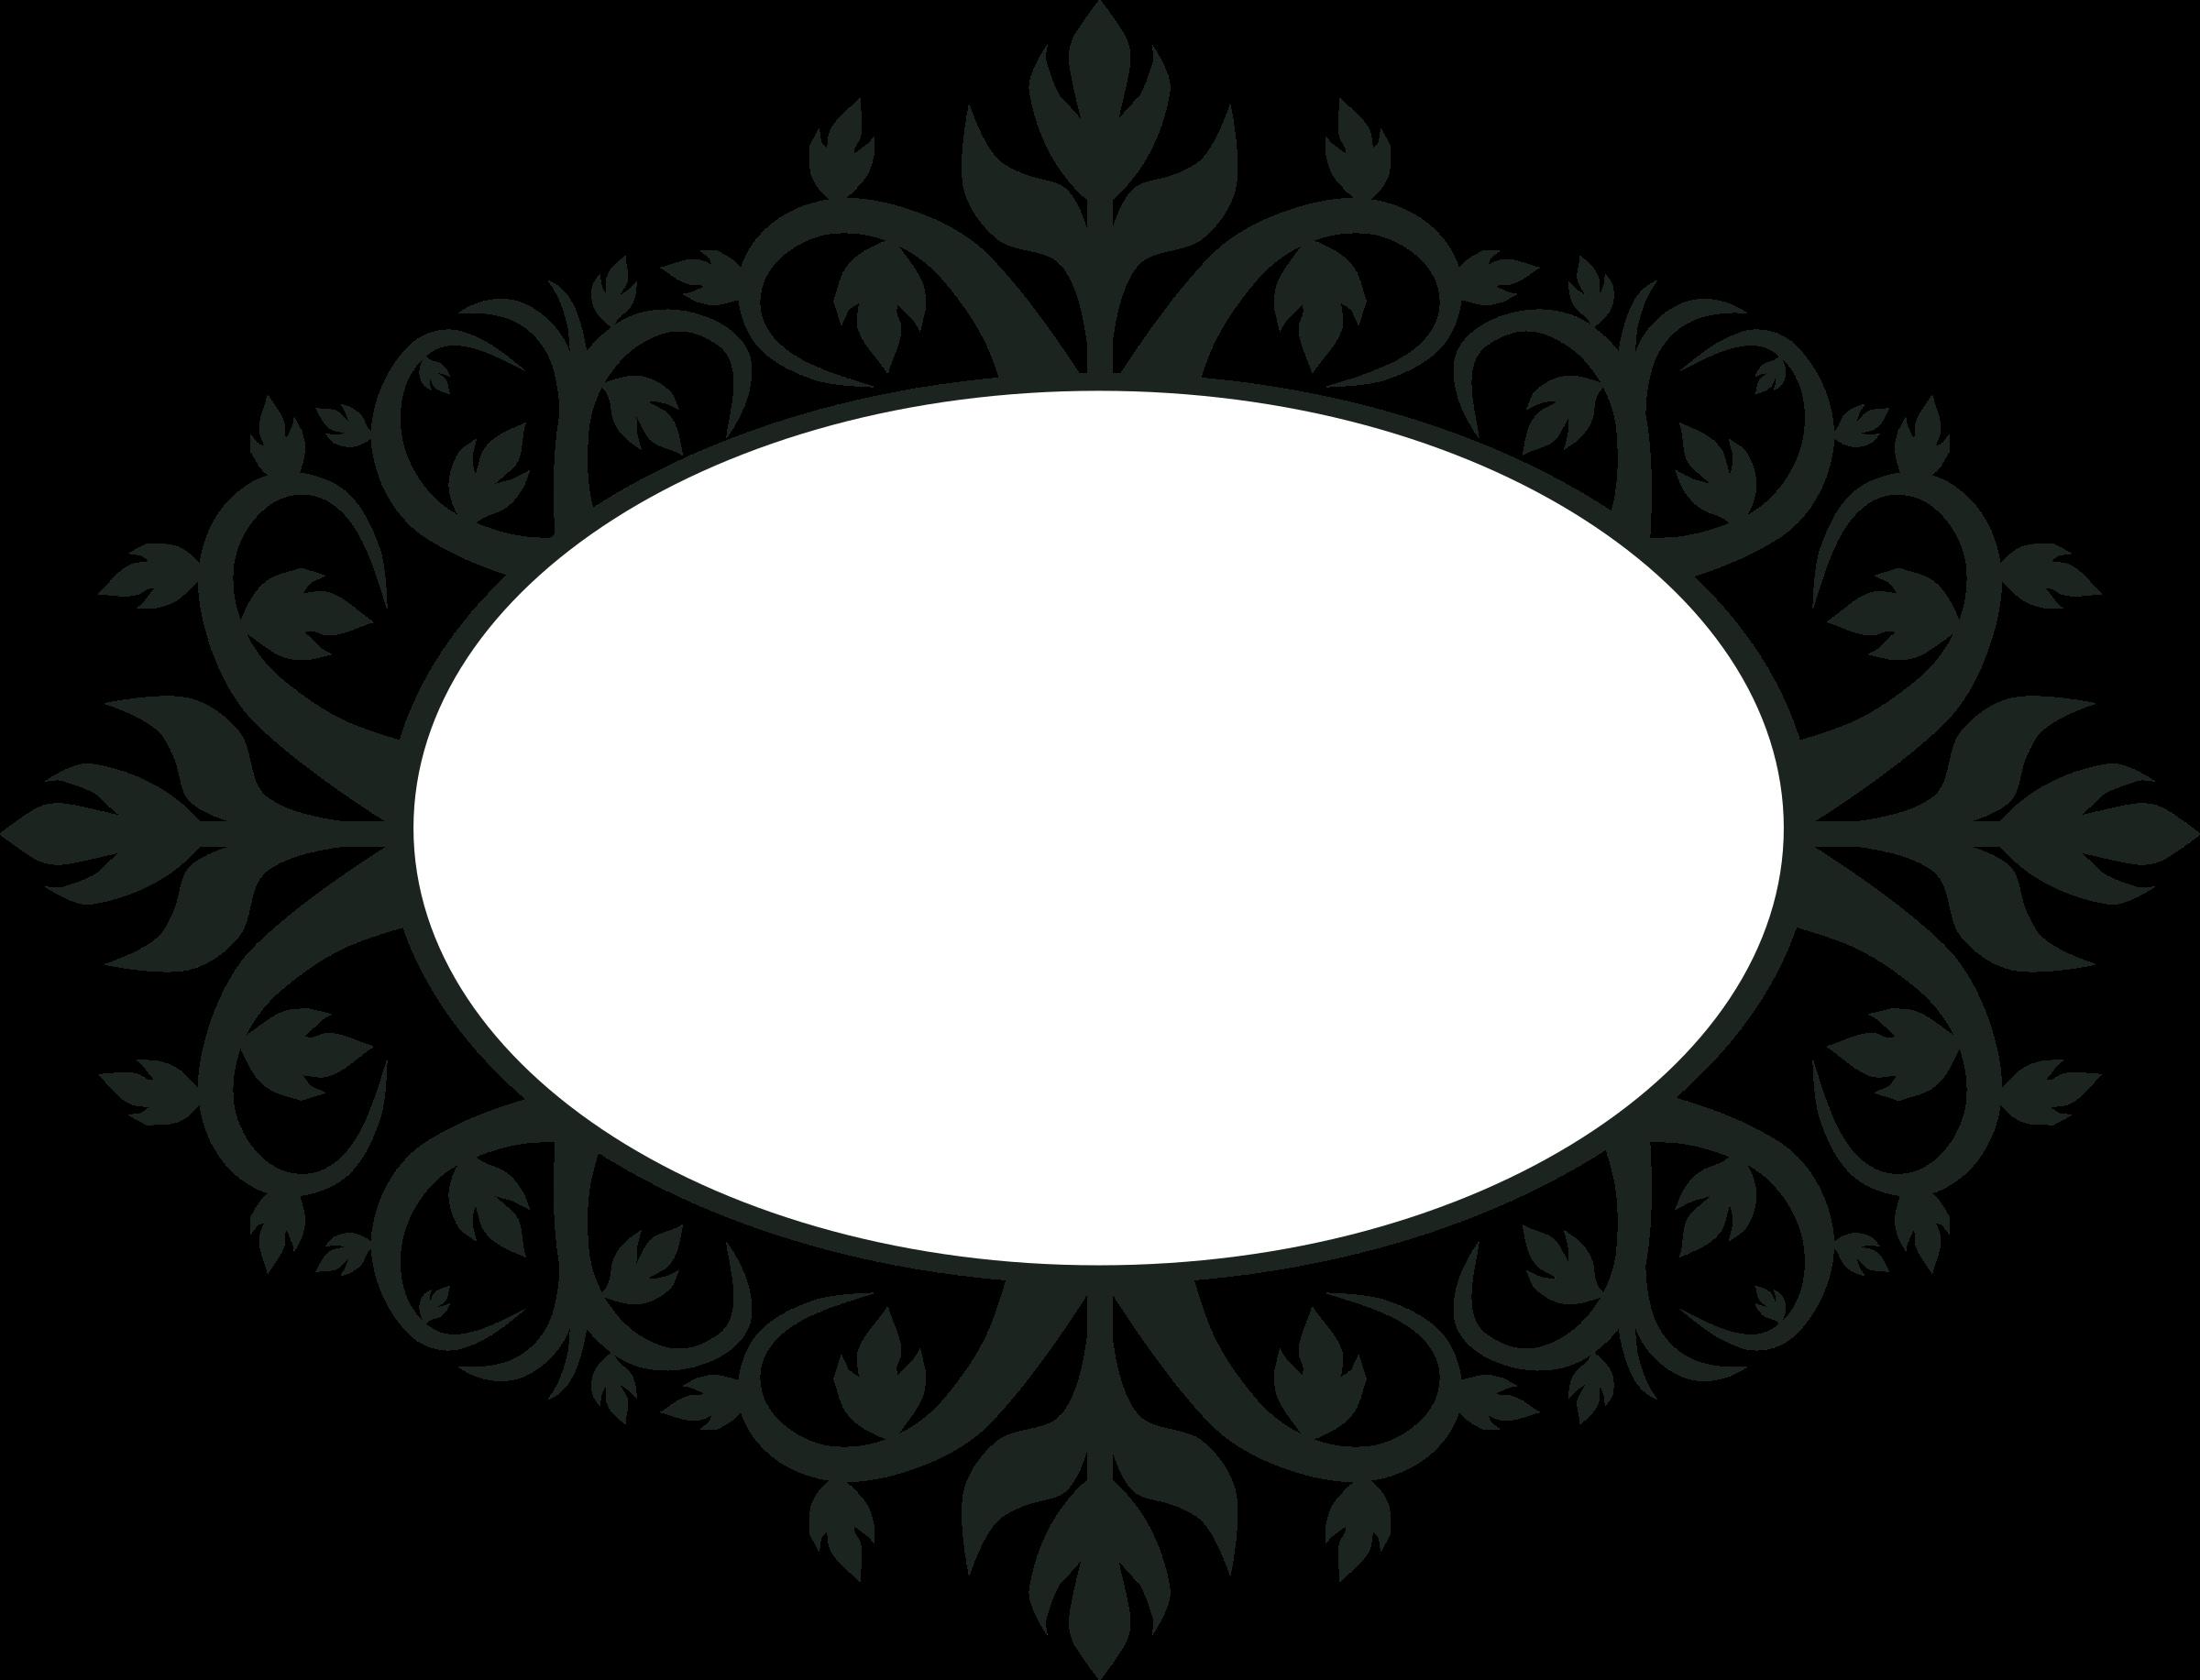 Decorative Shape Clipart.